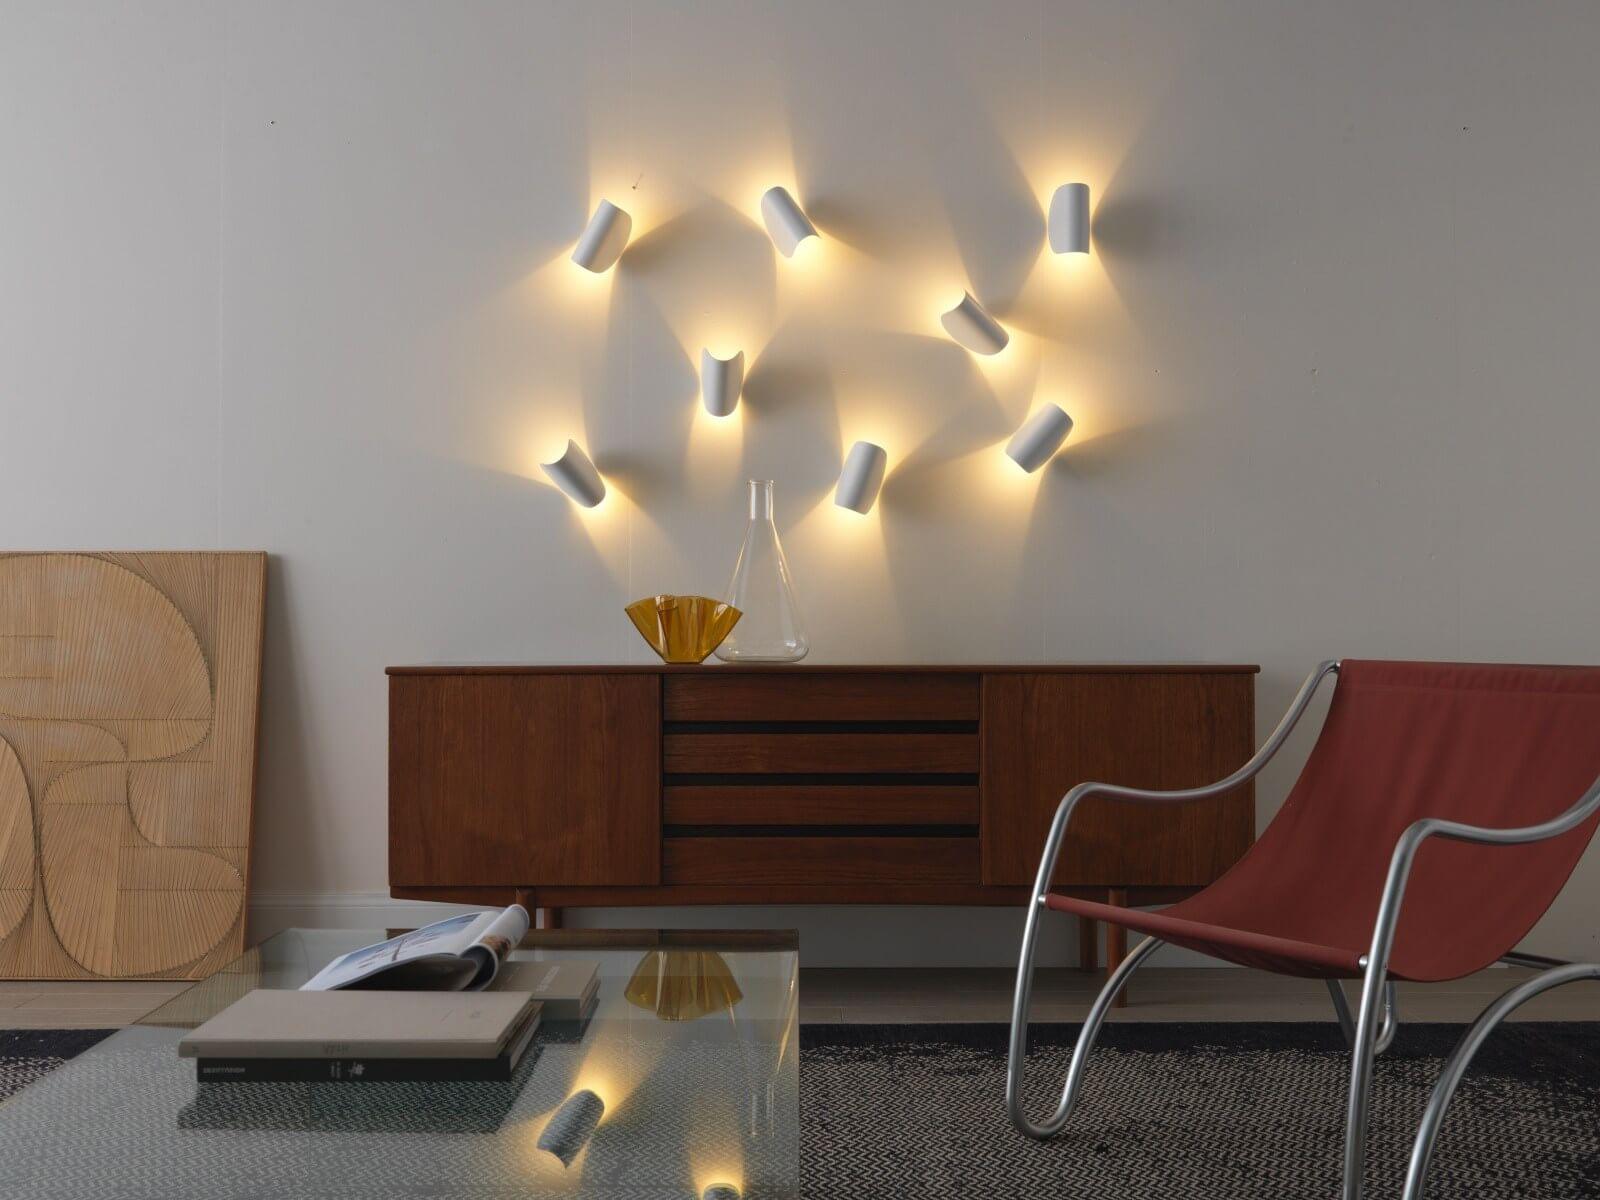 Wall Lighting 11